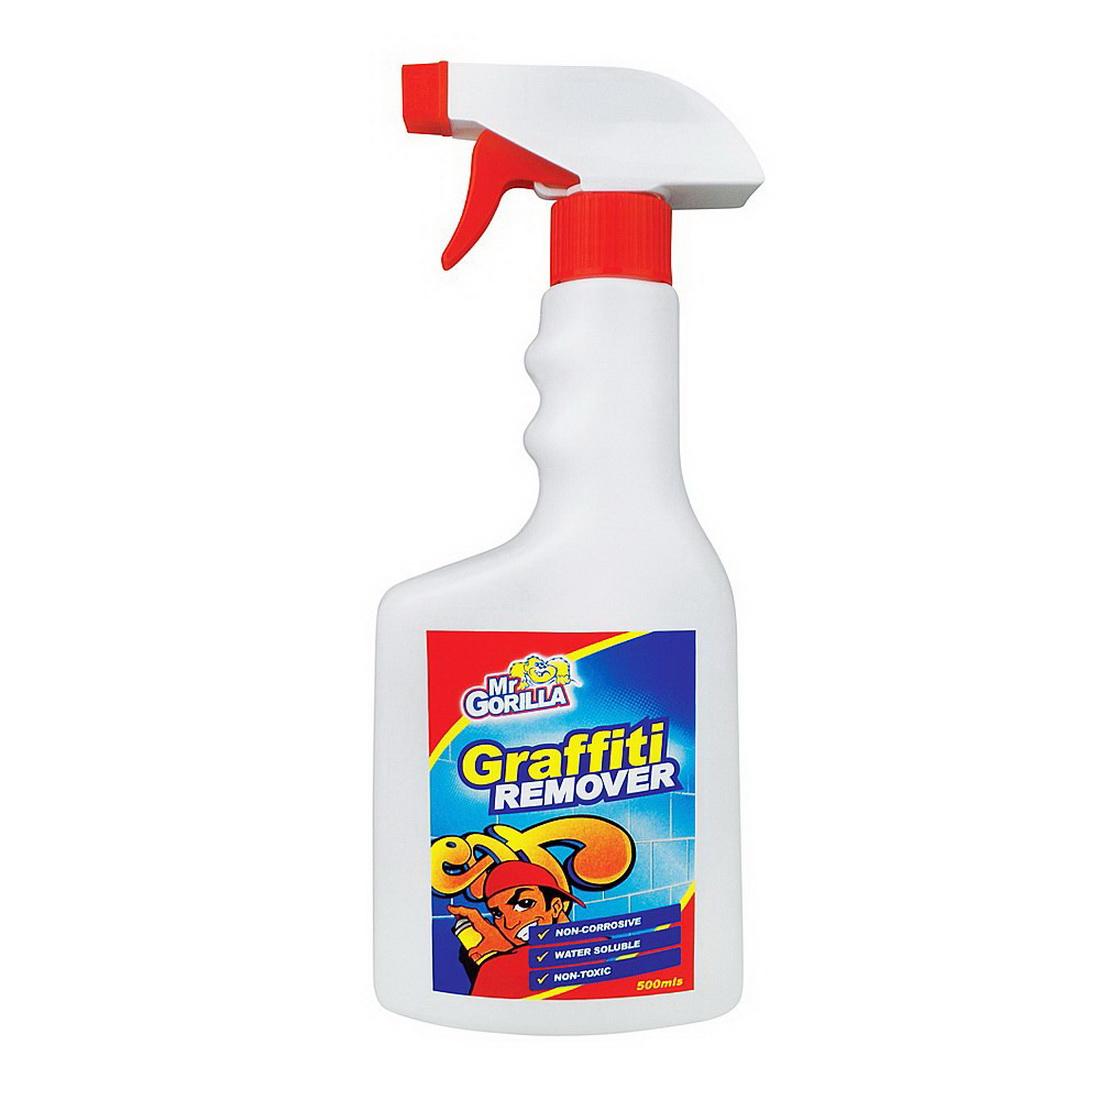 500ml Graffiti Remover Spray Clear